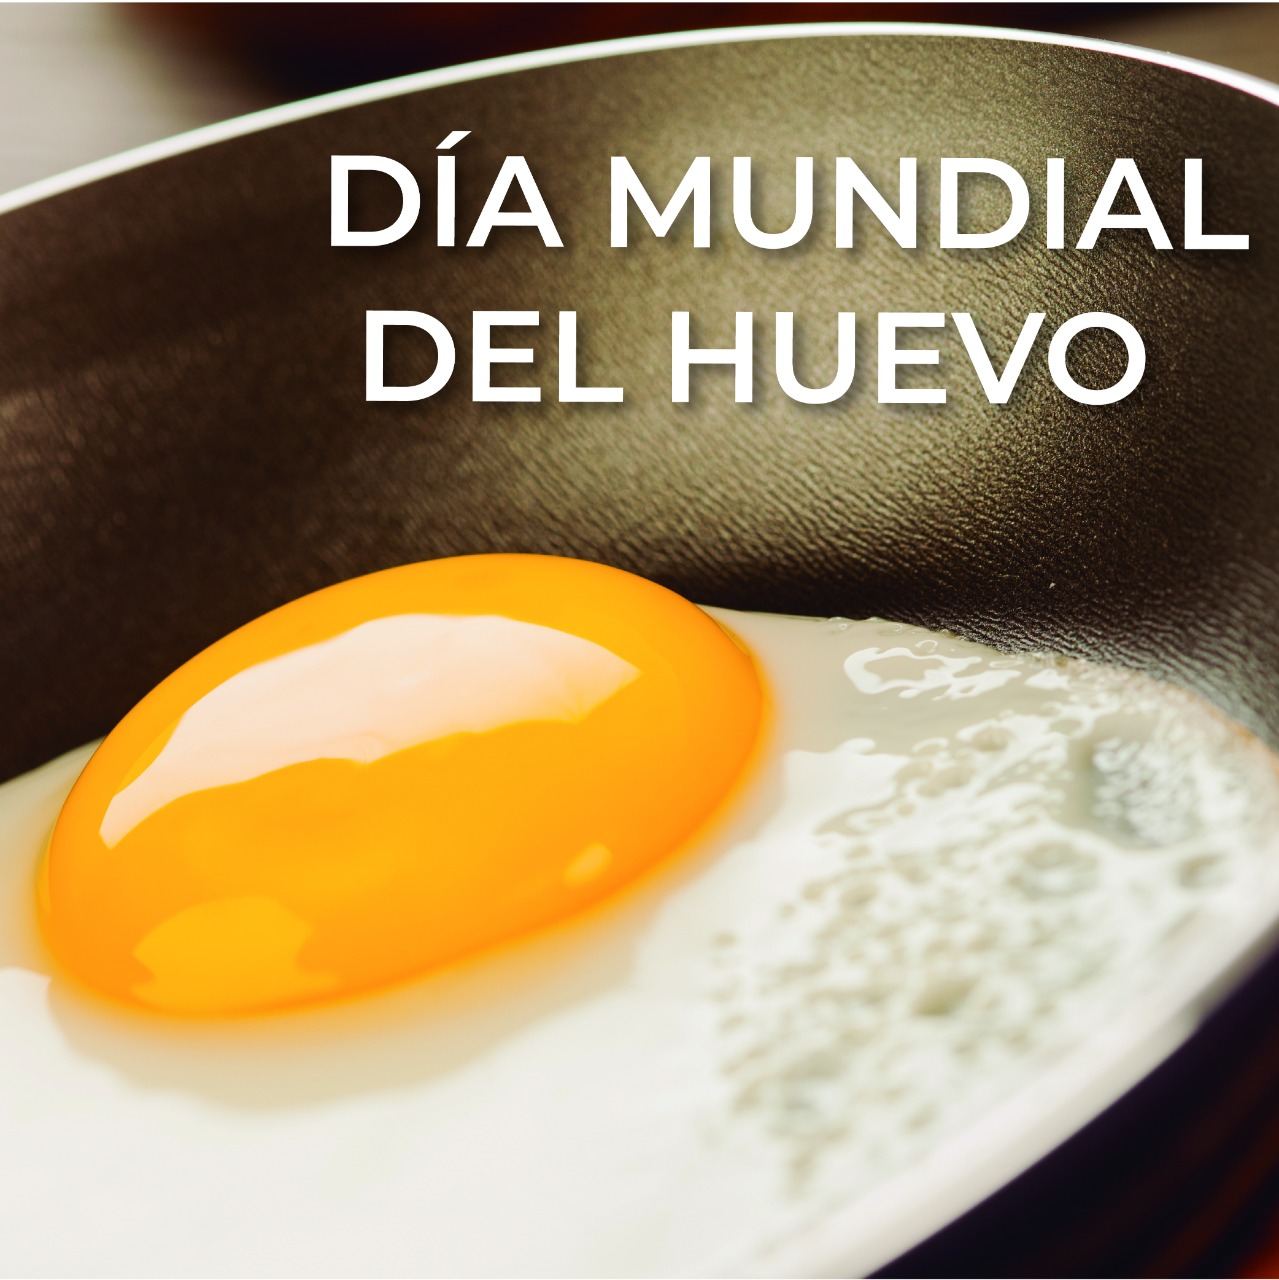 El segundo viernes del mes de octubre se ha destinado para recodar la importancia del huevo en la alimentación mundial